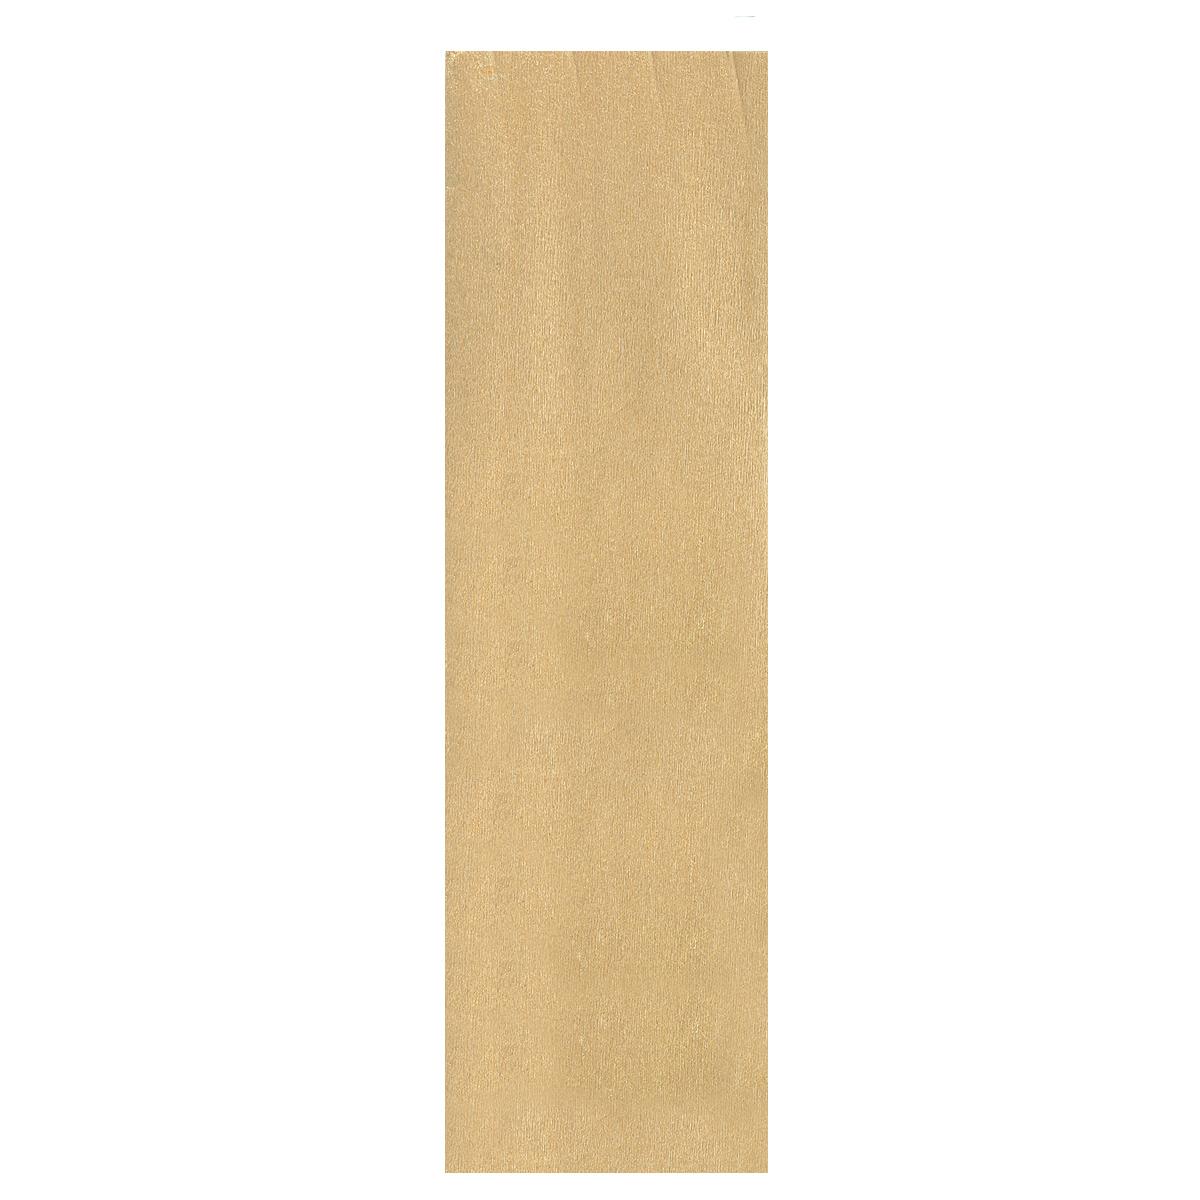 Бумага крепированная Проф-Пресс, металлизированная, цвет: золотистый, 50 х 250 см09840-20.000.00Крепированная металлизированная бумага Проф-Пресс - отличный вариант для воплощения творческих идей не только детей, но и взрослых. Она отлично подойдет для упаковки хрупких изделий, при оформлении букетов, создании сложных цветовых композиций, для декорирования и других оформительских работ. Бумага обладает повышенной прочностью и жесткостью, хорошо растягивается, имеет жатую поверхность.Кроме того, металлизированная бумага Проф-Пресс поможет увлечь ребенка, развивая интерес к художественному творчеству, эстетический вкус и восприятие, увеличивая желание делать подарки своими руками, воспитывая самостоятельность и аккуратность в работе. Такая бумага поможет вашему ребенку раскрыть свои таланты.